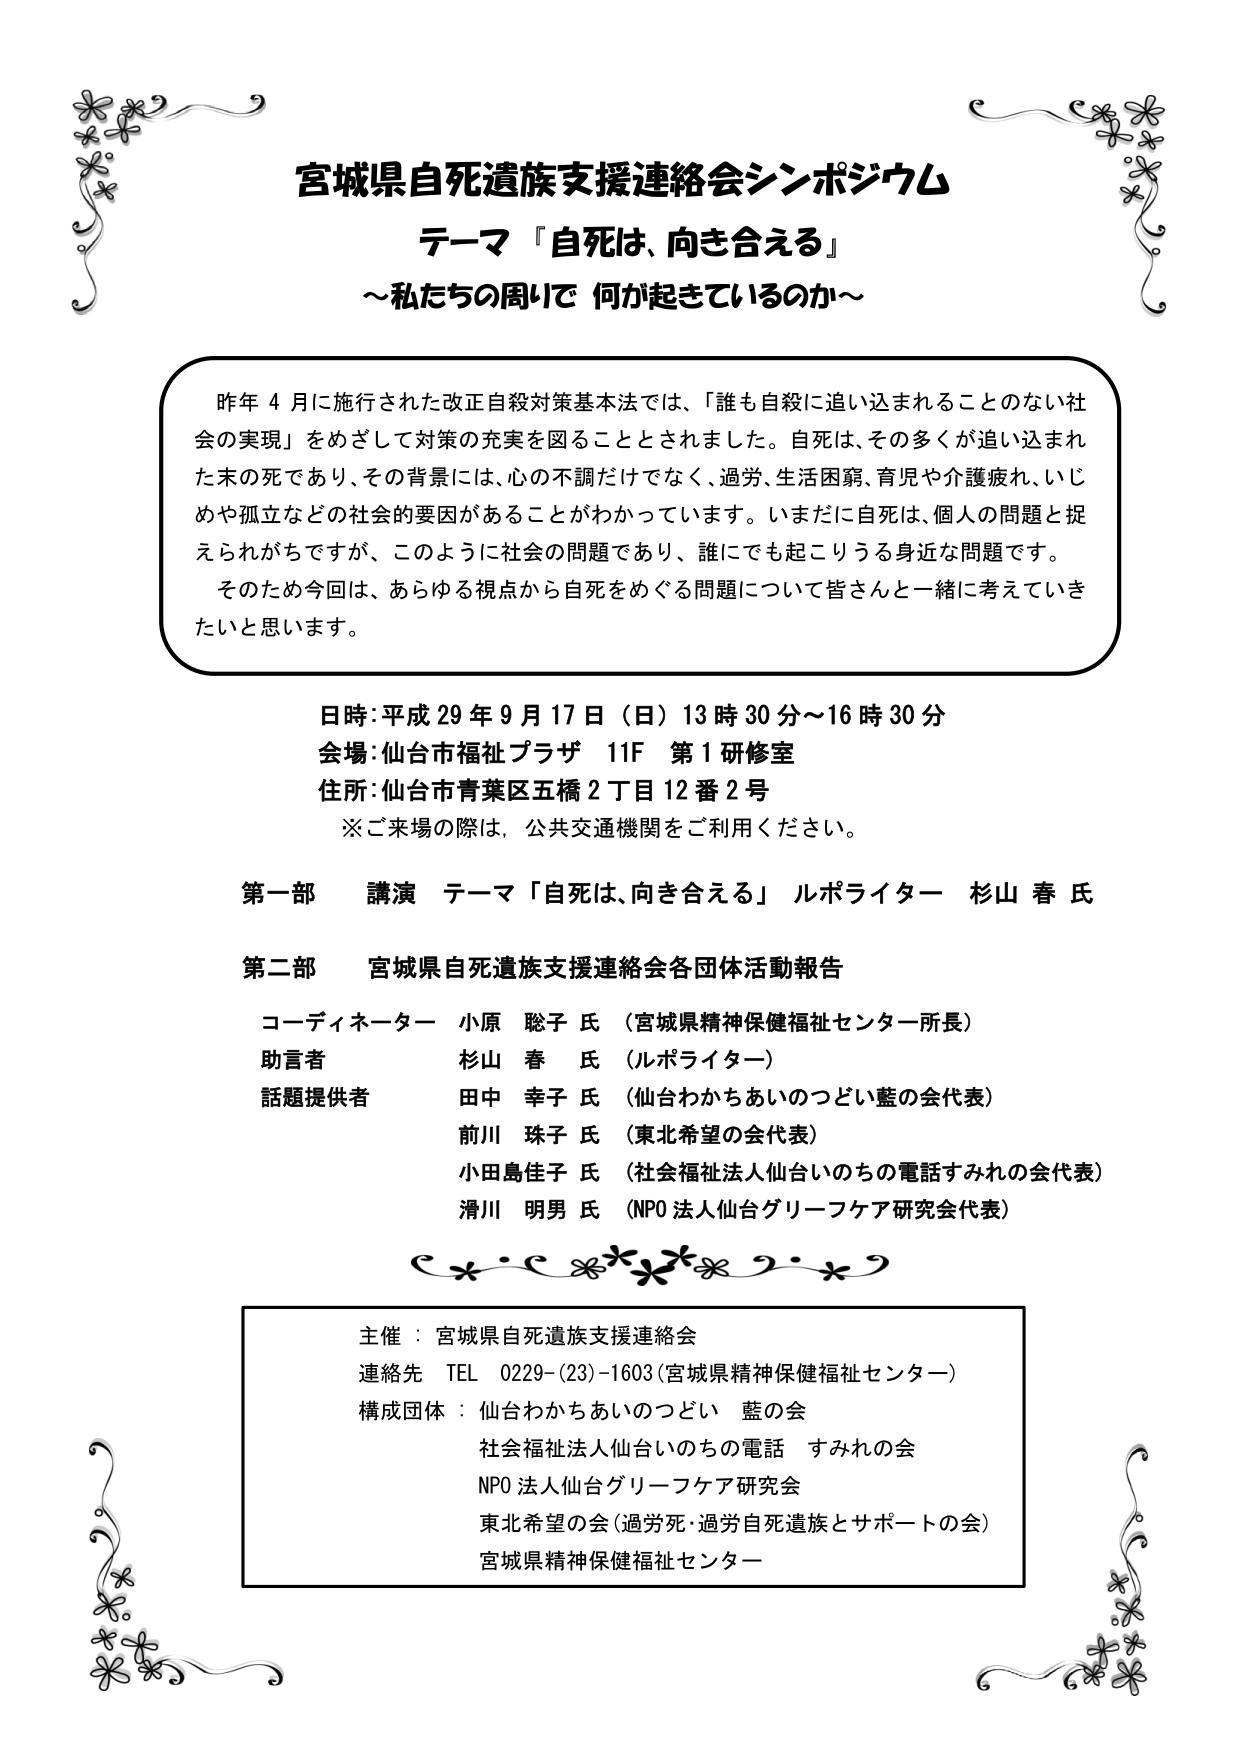 宮城県自死遺族支援連絡会シンポジウム2017